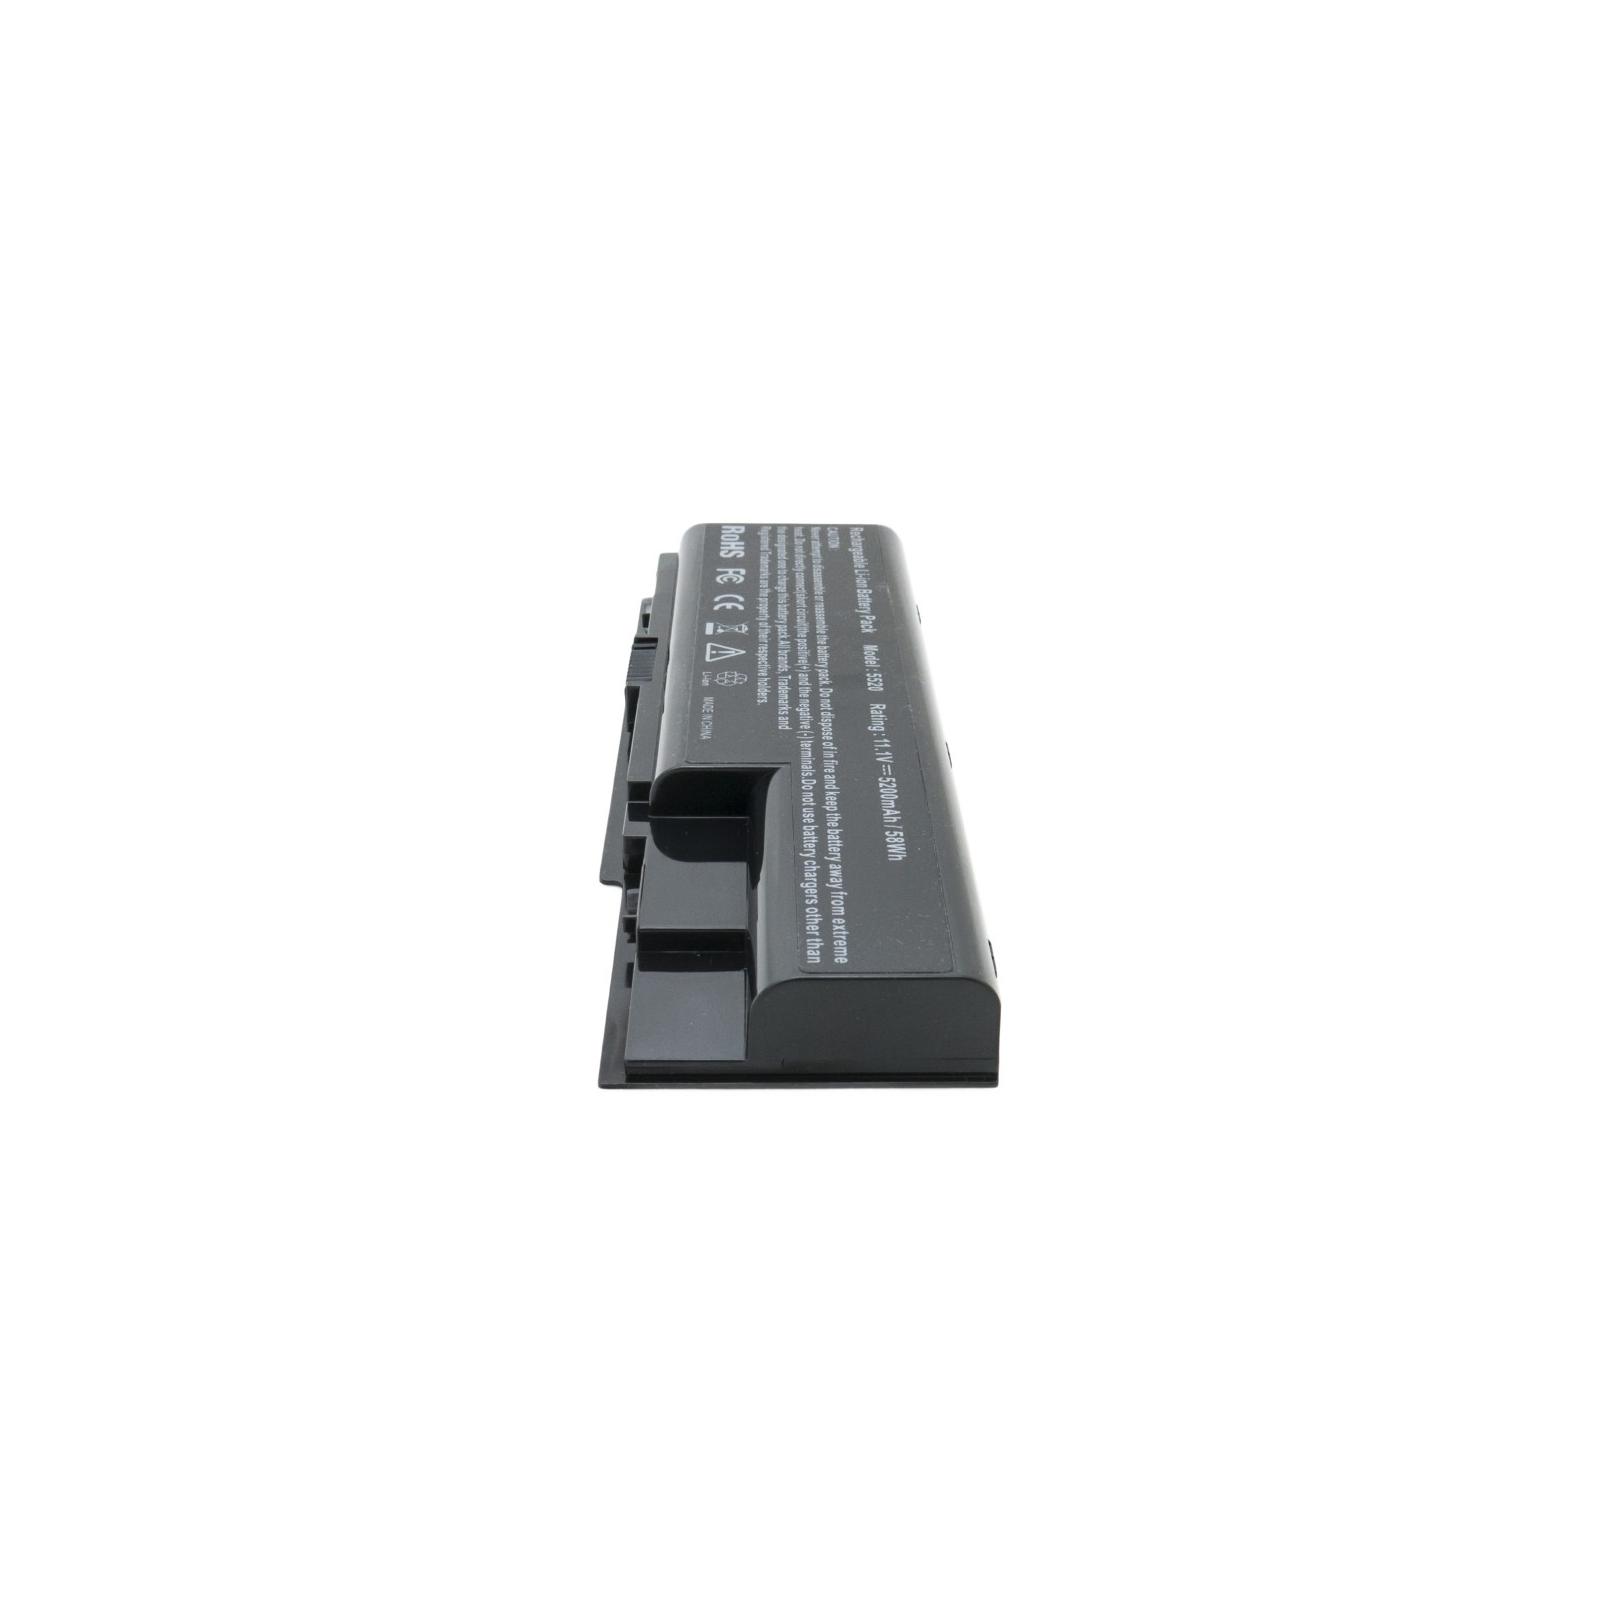 Аккумулятор для ноутбука Acer Aspire 5520 (AS07B31) 5200 mAh EXTRADIGITAL (BNA3911) изображение 5